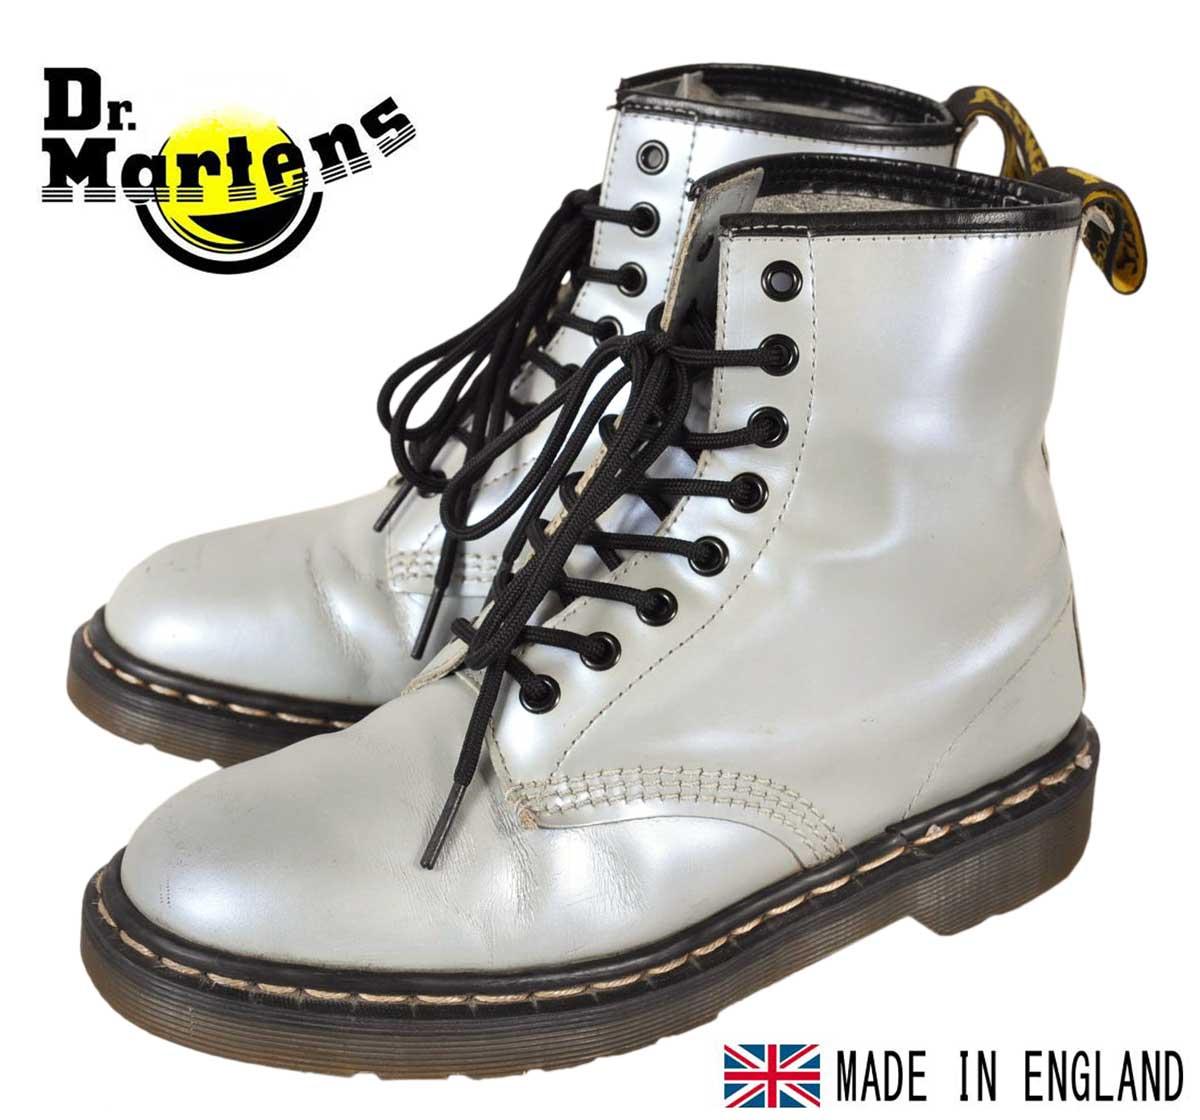 イングランド製 ヴィンテージ / Dr.martens ドクターマーチン / 8ホールブーツ / パールグレー レザー / UK6 JPN25.0cm【中古】▽